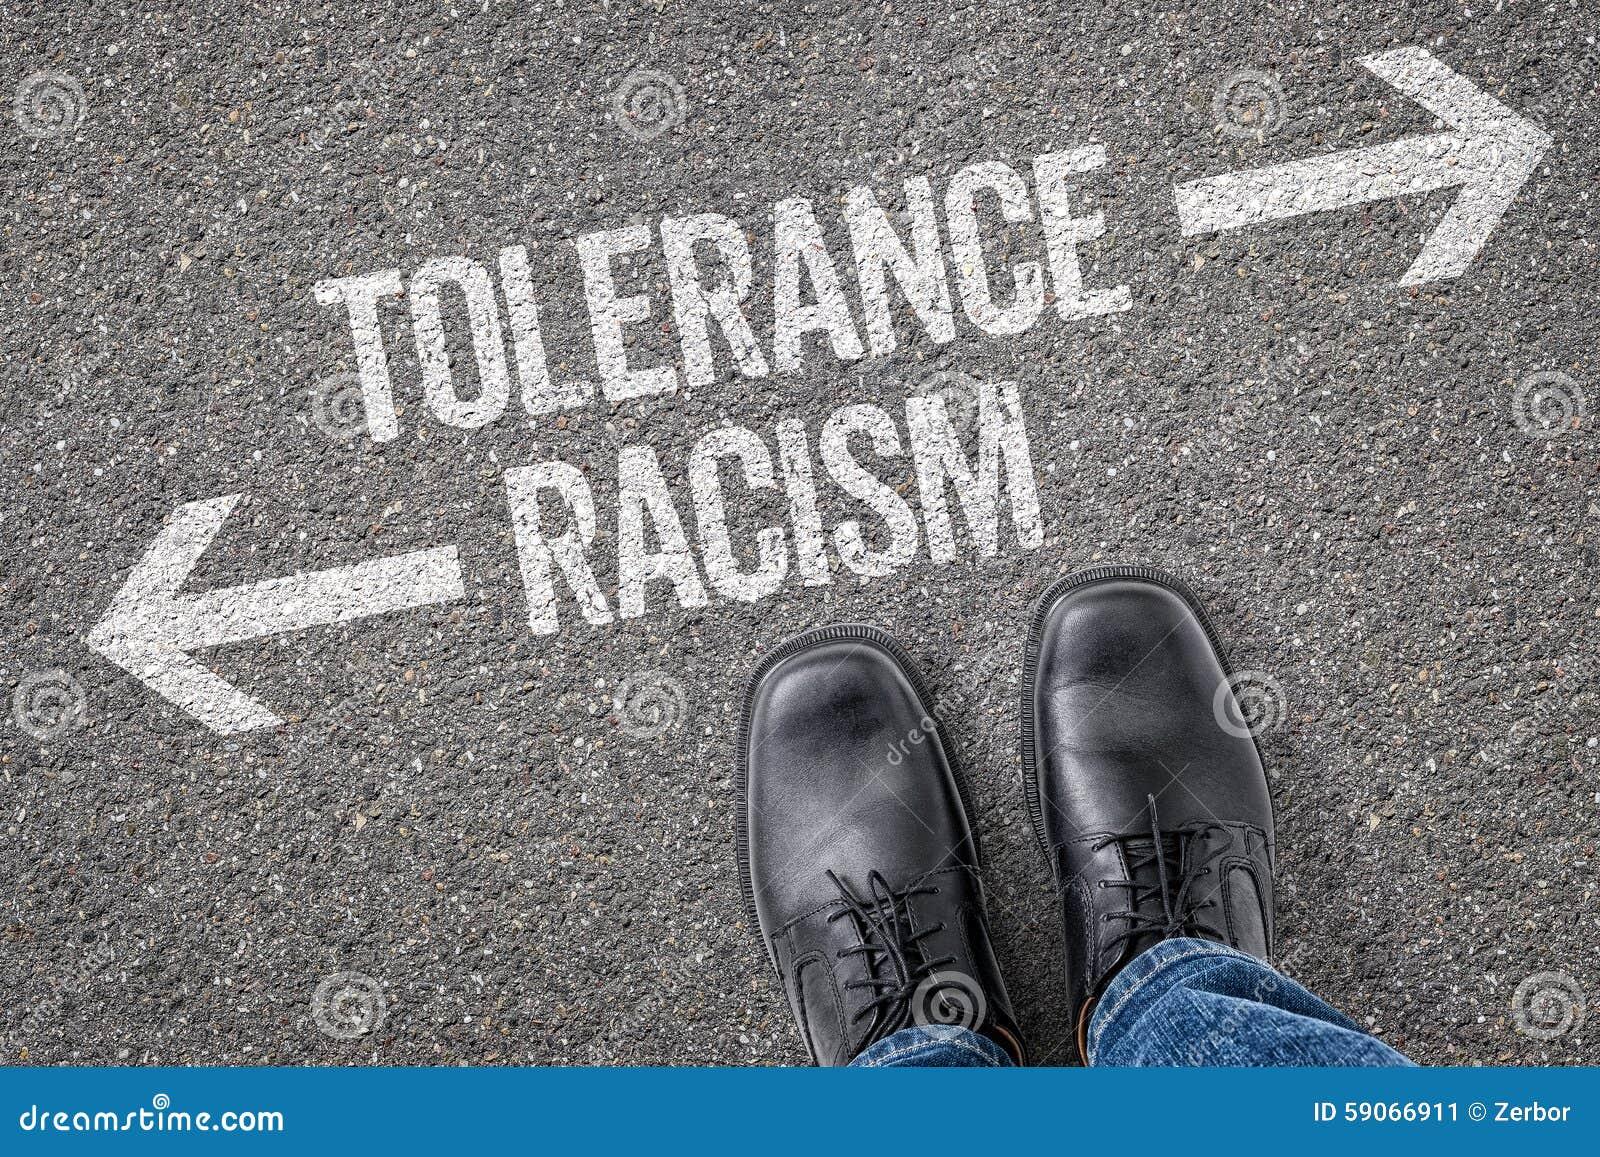 容忍或种族主义